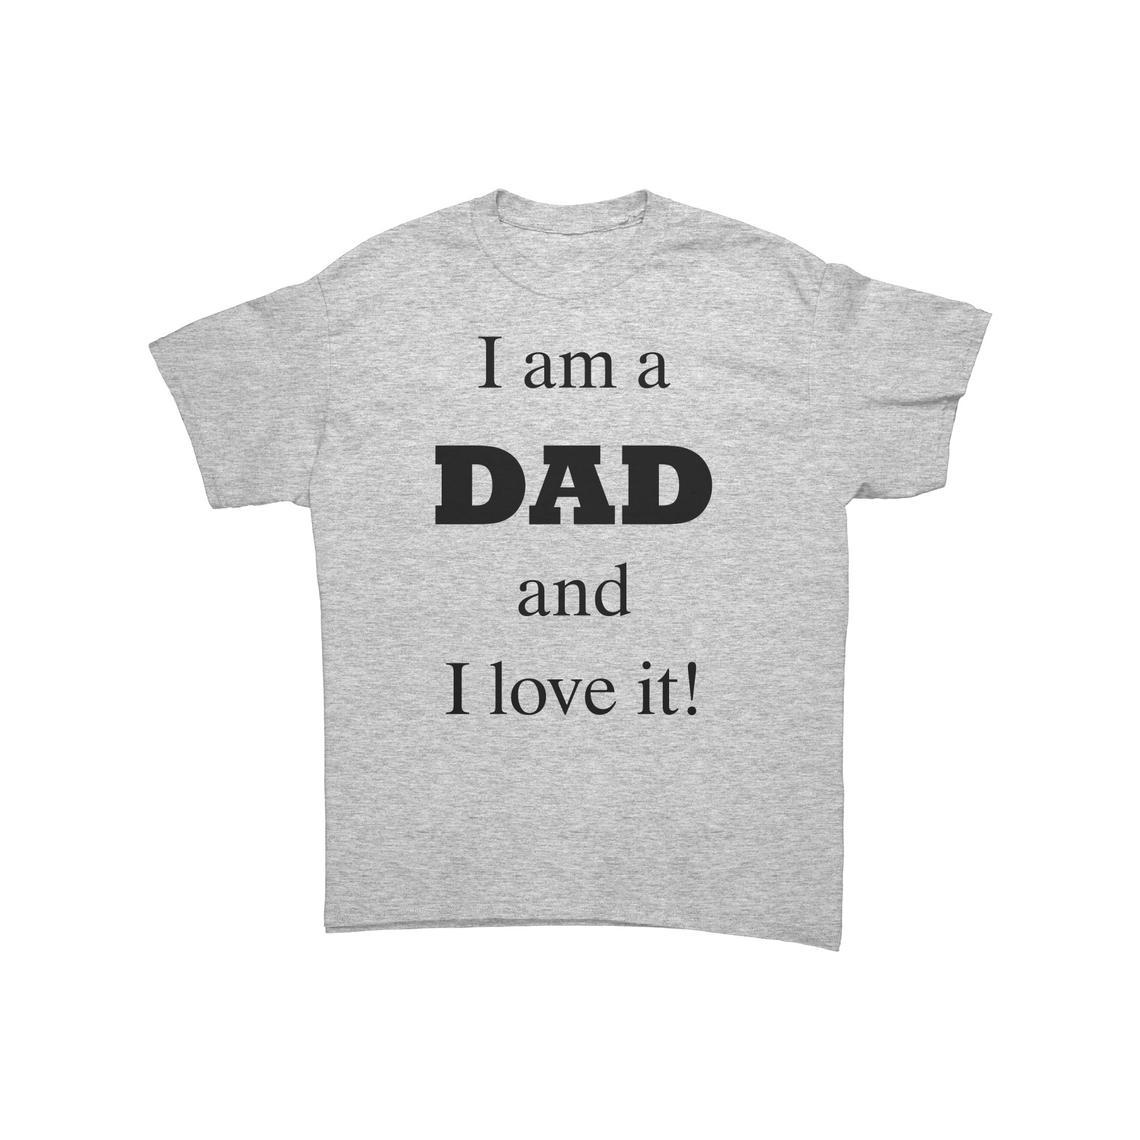 http://Love%20Being%20Dad%20Light%20T-Shirt